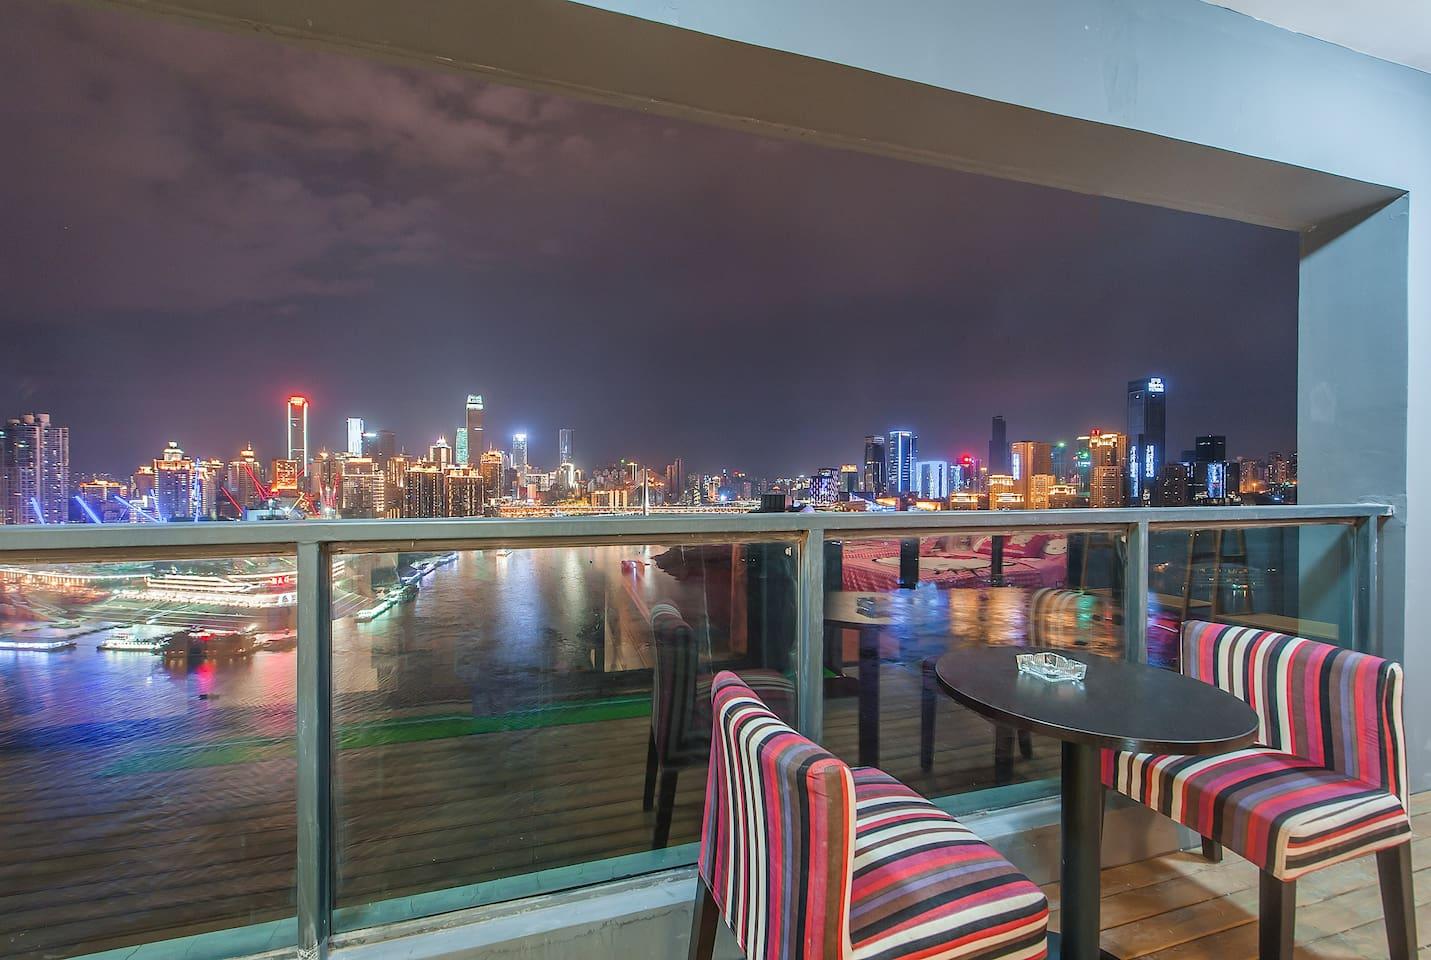 只有椅子、桌子、阳台这几样东西吗?不对还有对面的夜景和江景!